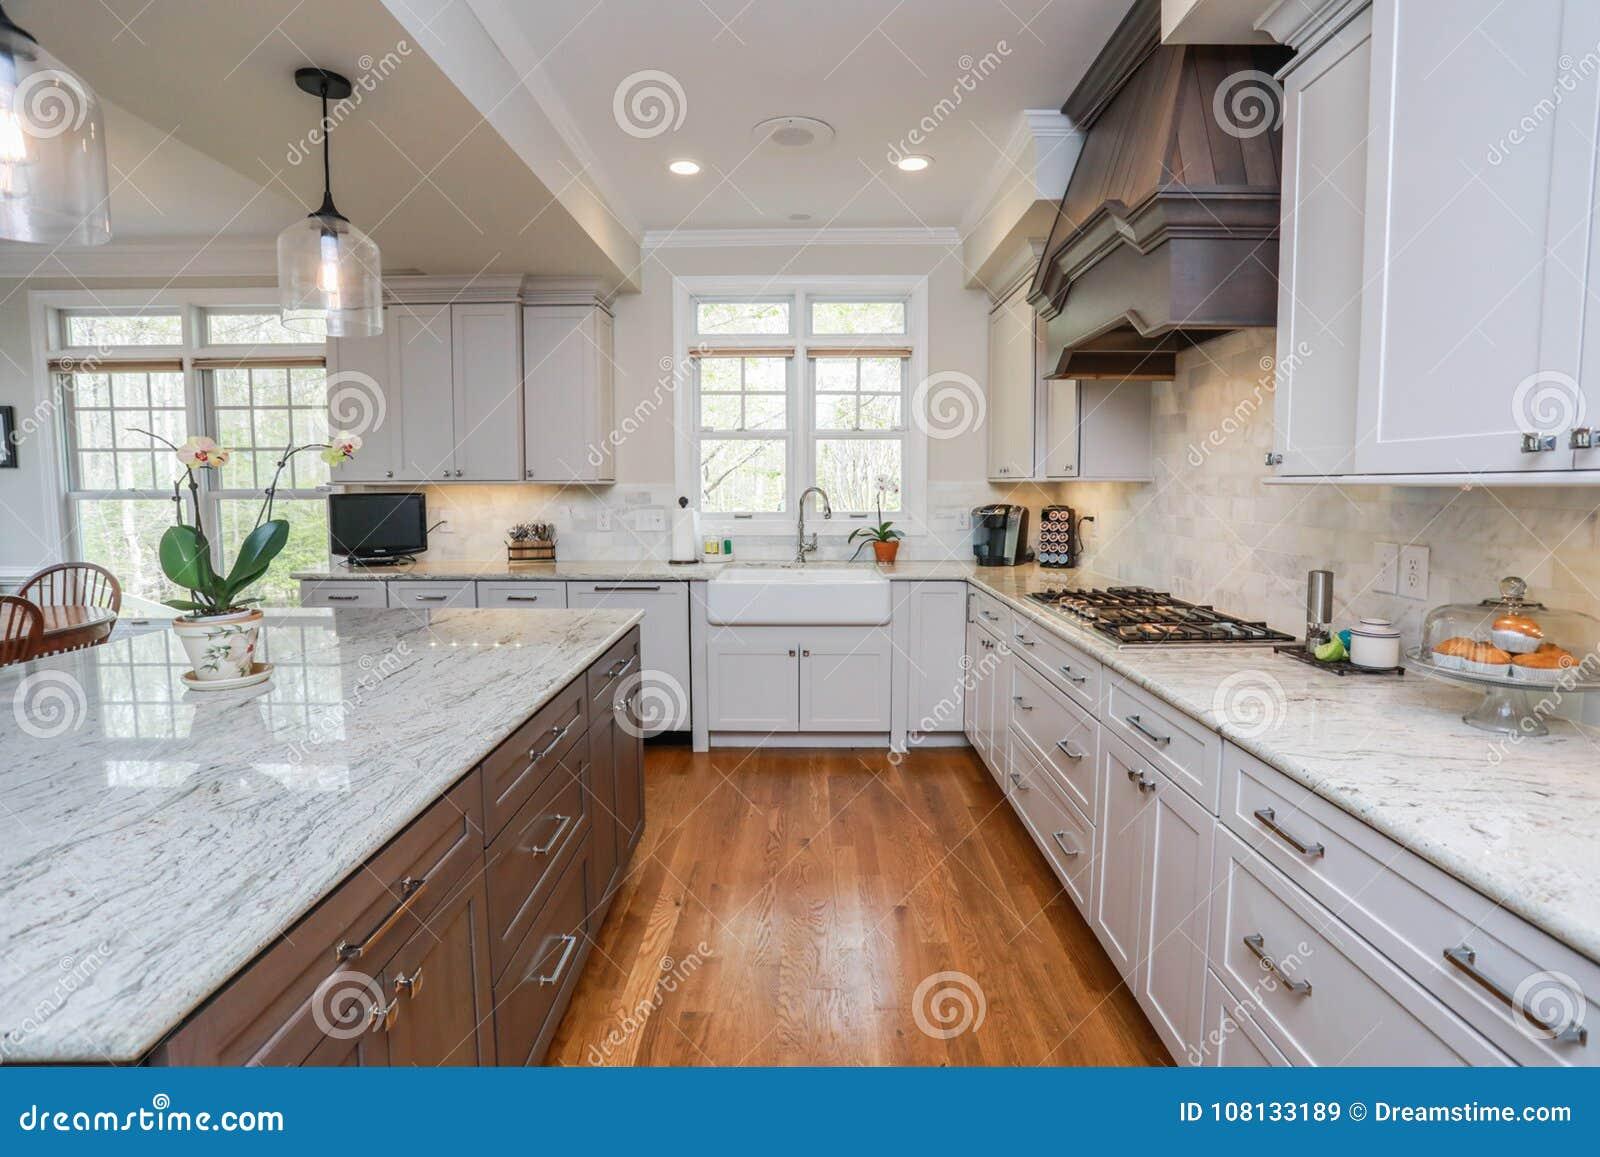 Cucina di qualità superiore immagine stock immagine di legno